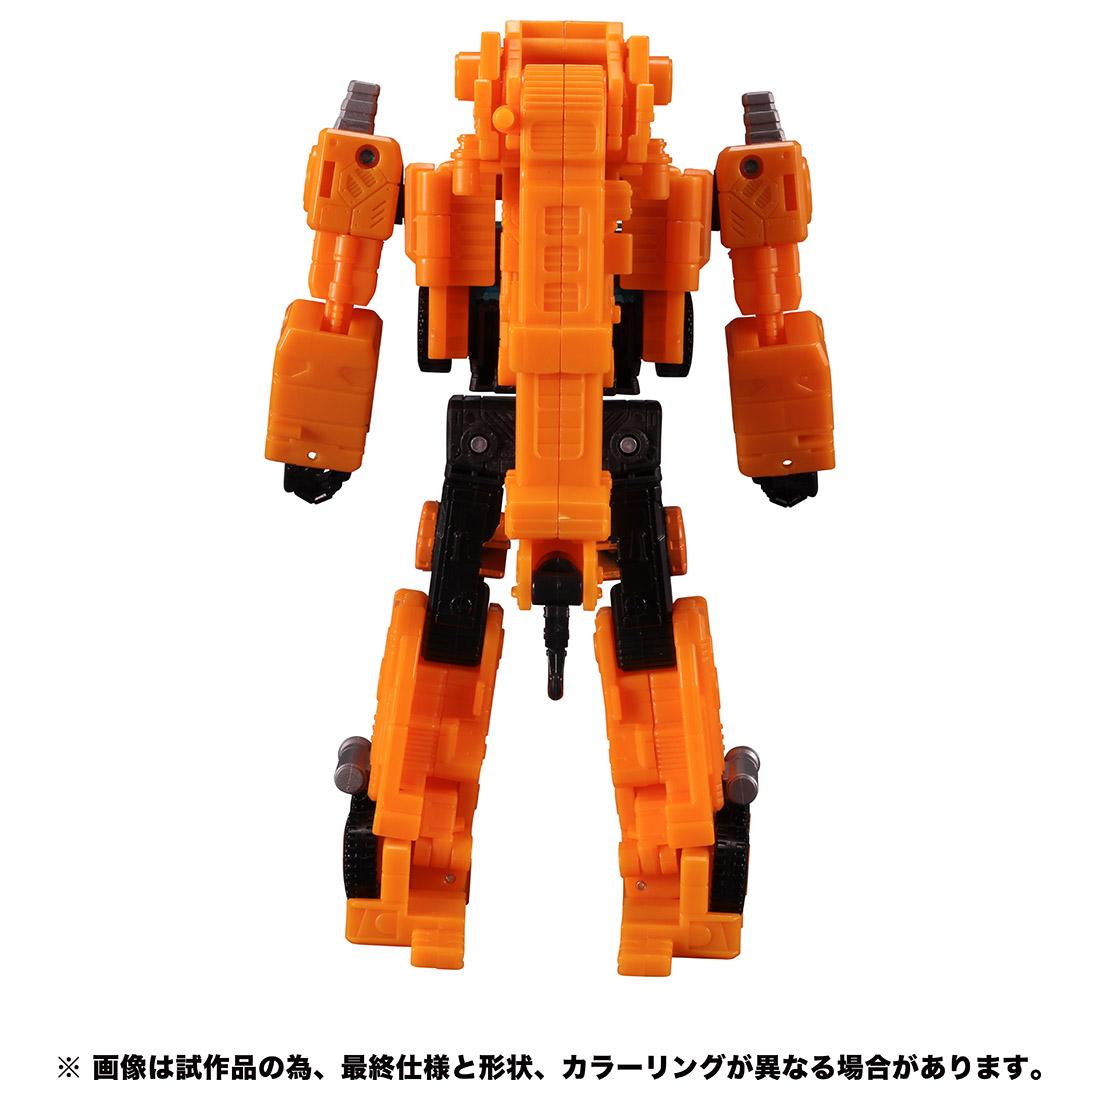 【限定販売】トランスフォーマー アースライズ『ER EX-02 グラップル』可変可動フィギュア-006